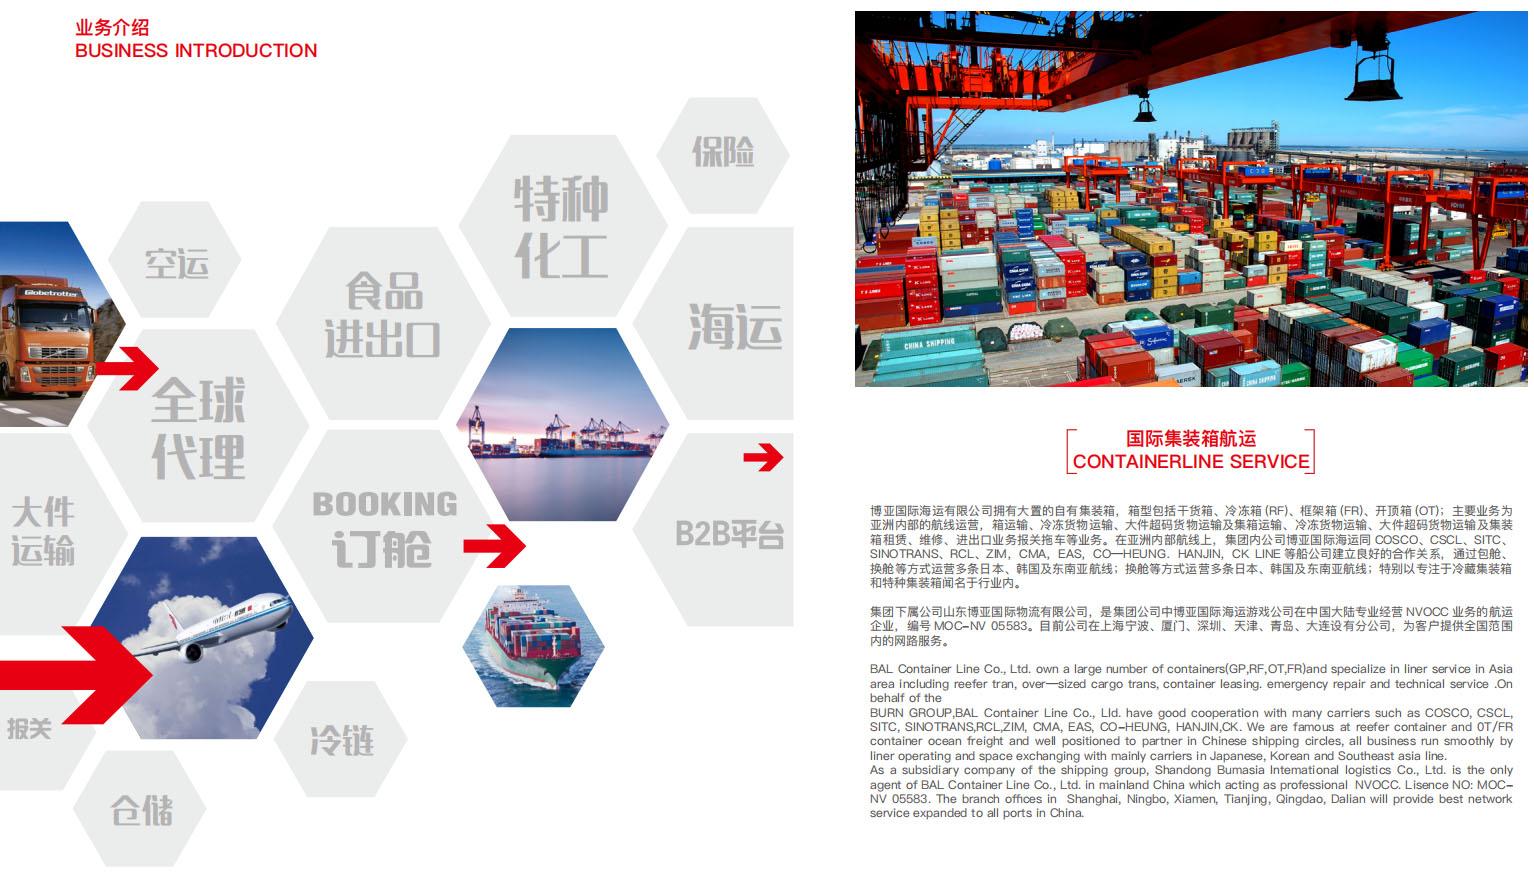 江苏鑫博亚国际物流有限公司